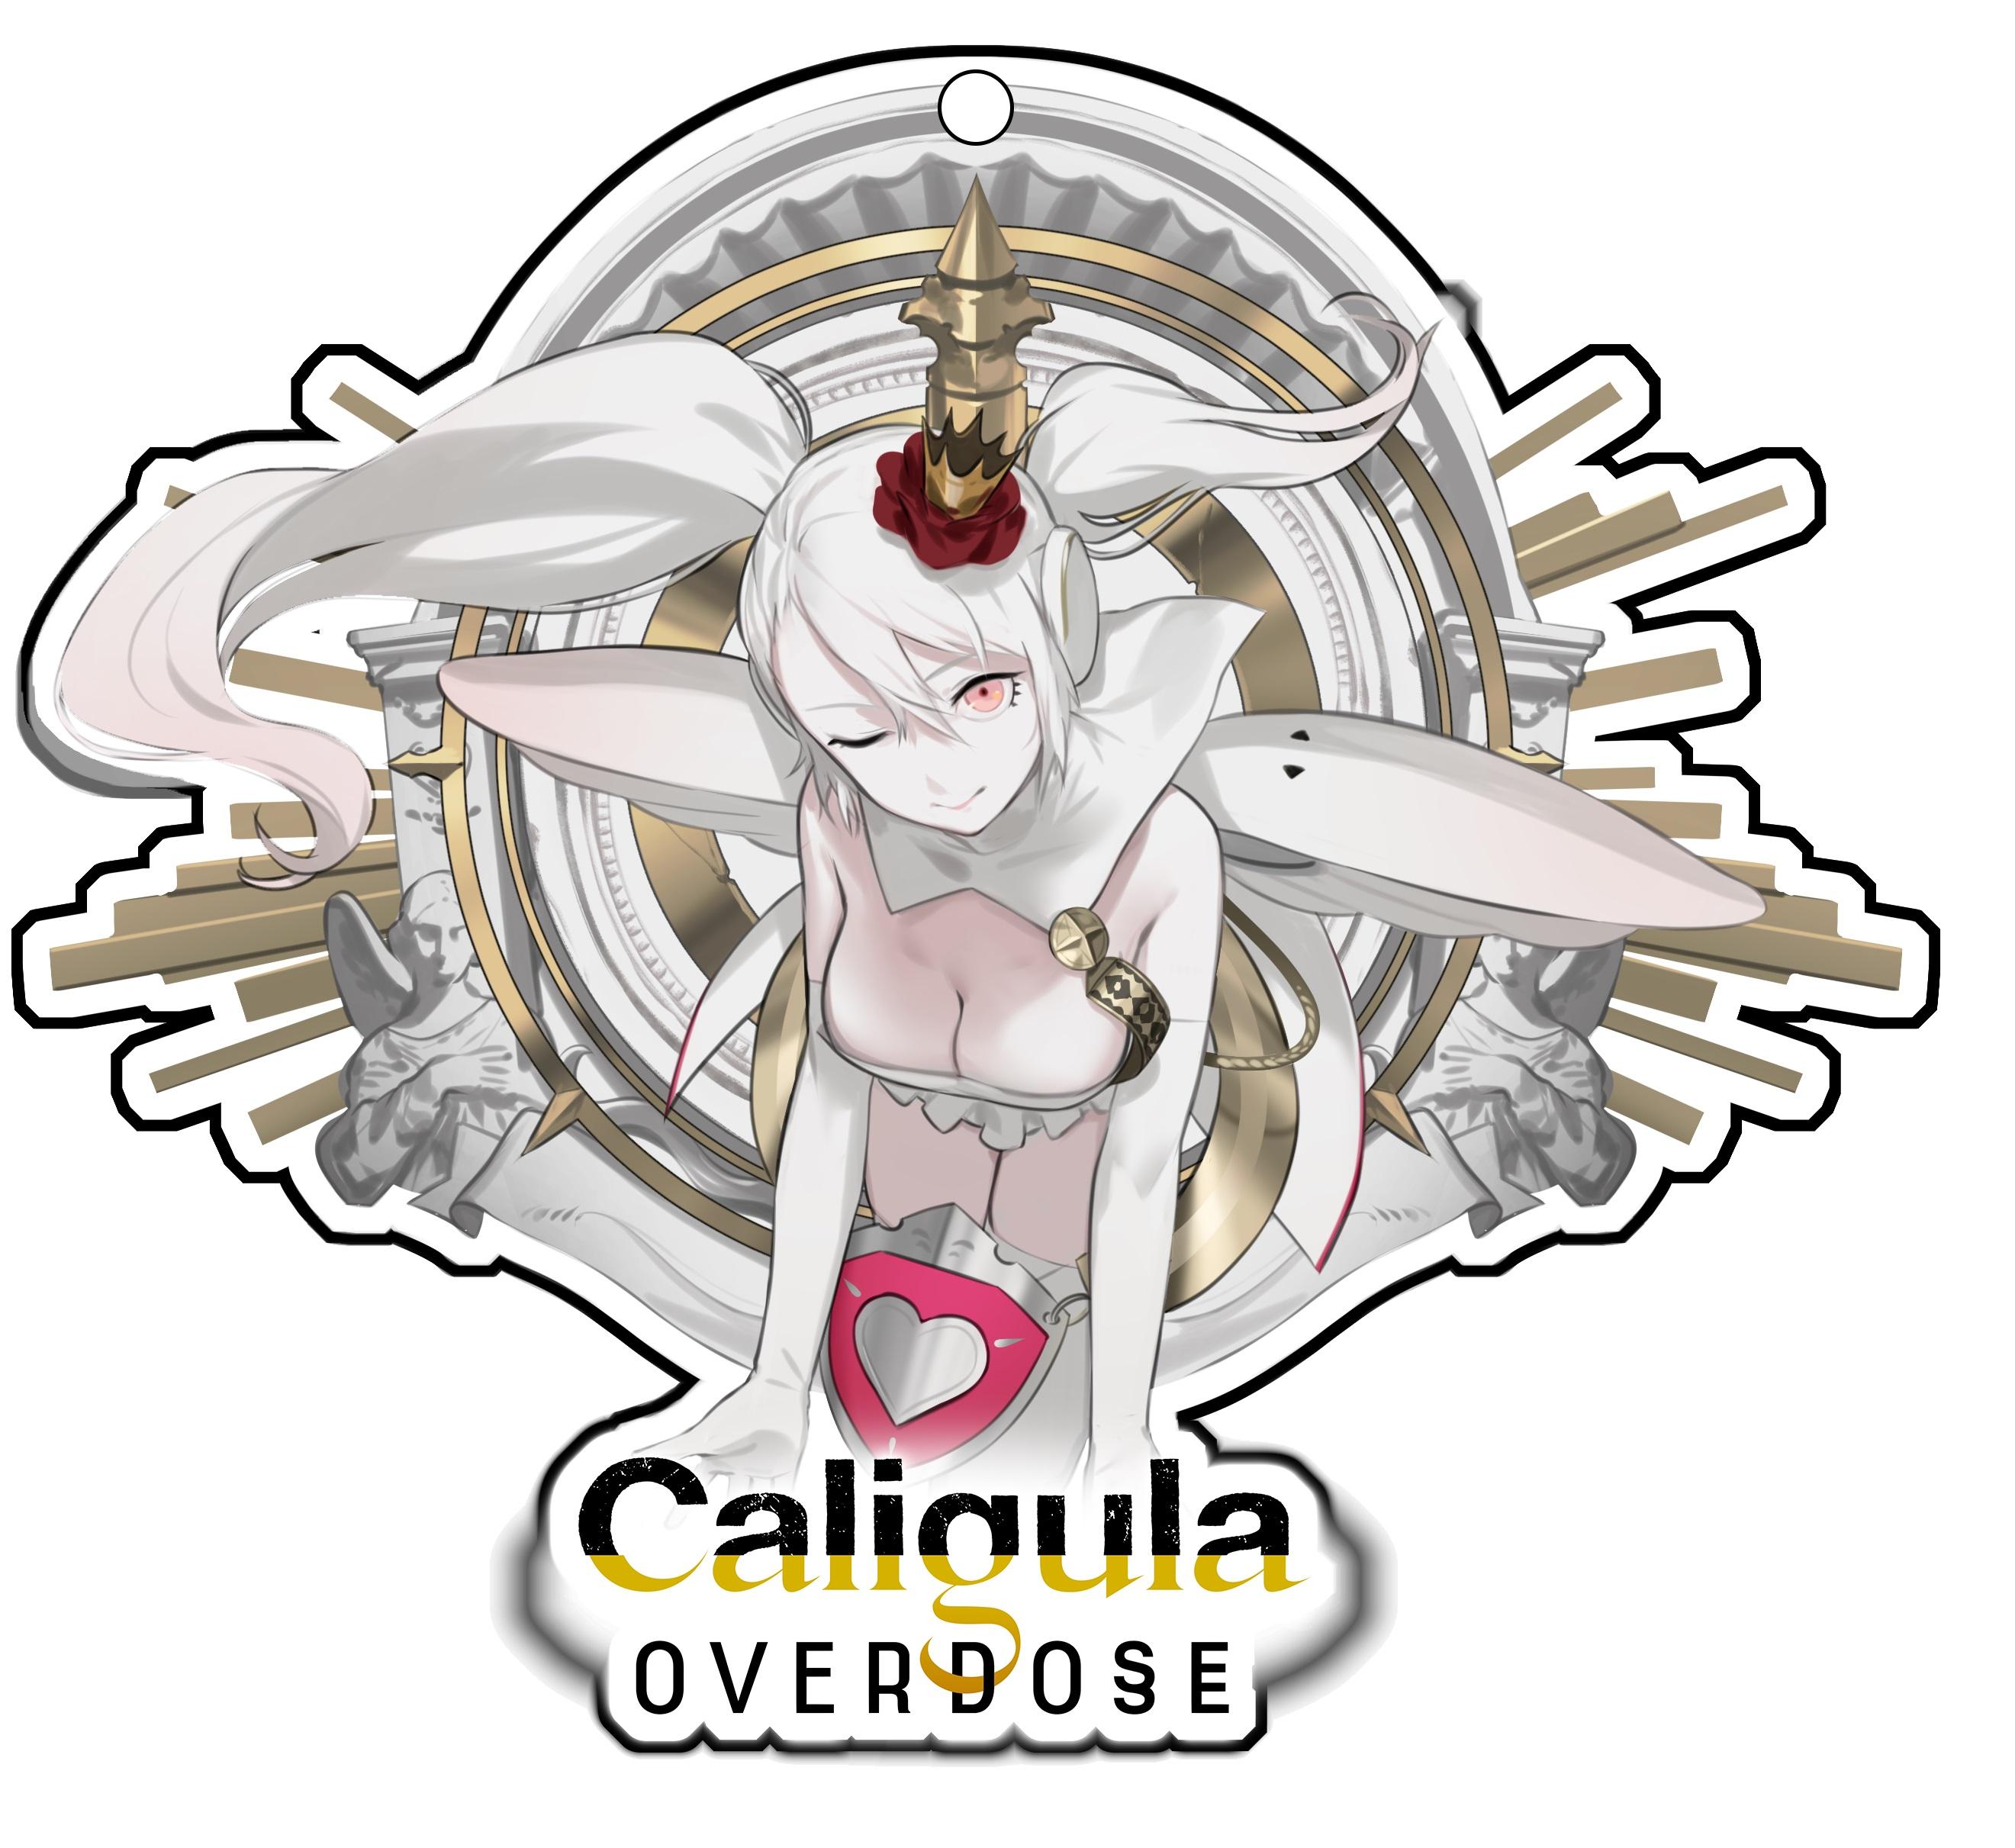 卡里古拉 過量強化, Caligula Overdose, PS4, GSE,